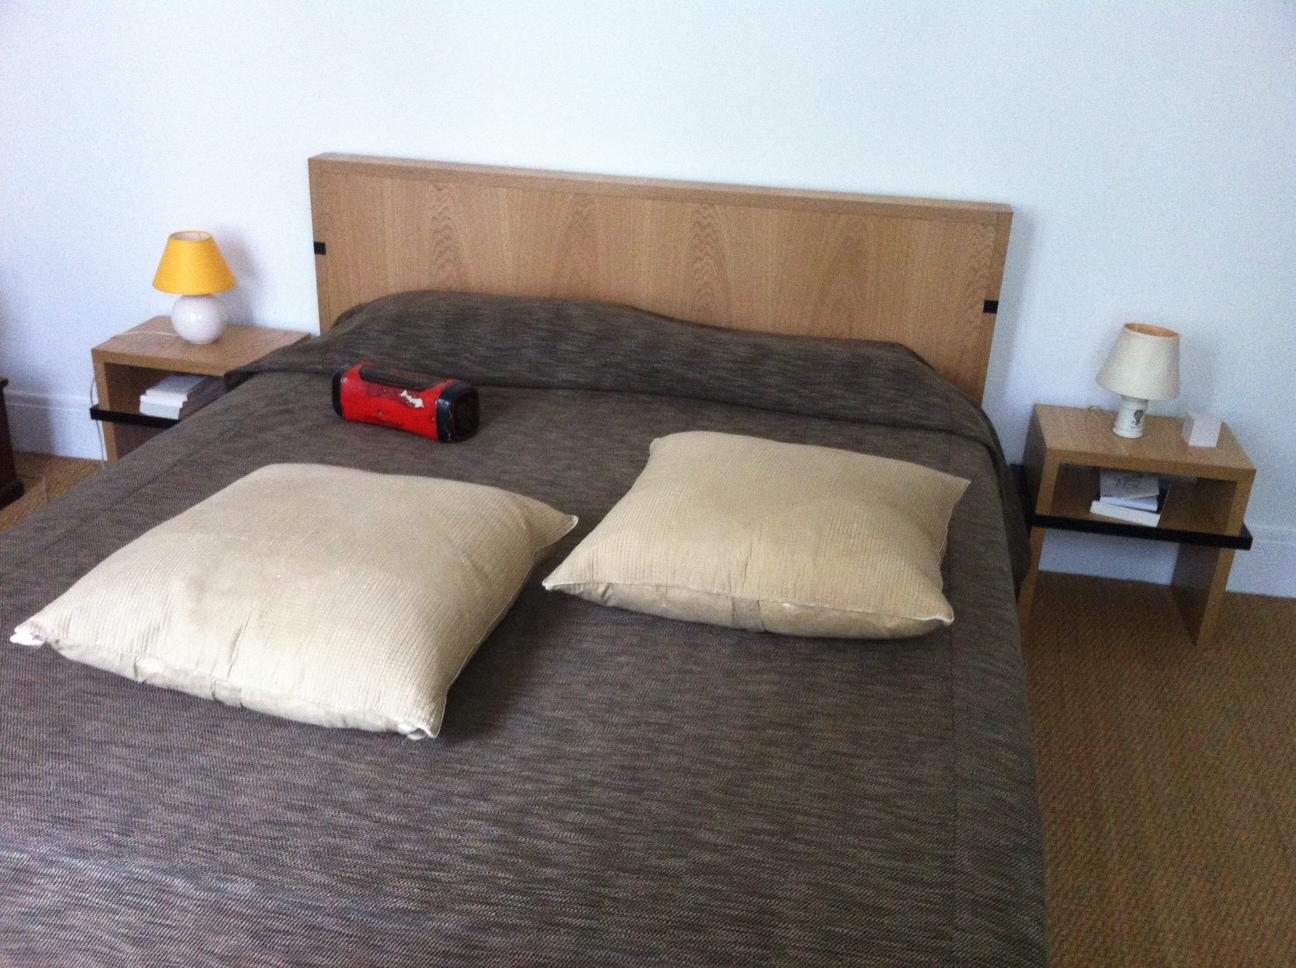 labo voluptas eb nisterie t te de lit et tables de chevet. Black Bedroom Furniture Sets. Home Design Ideas